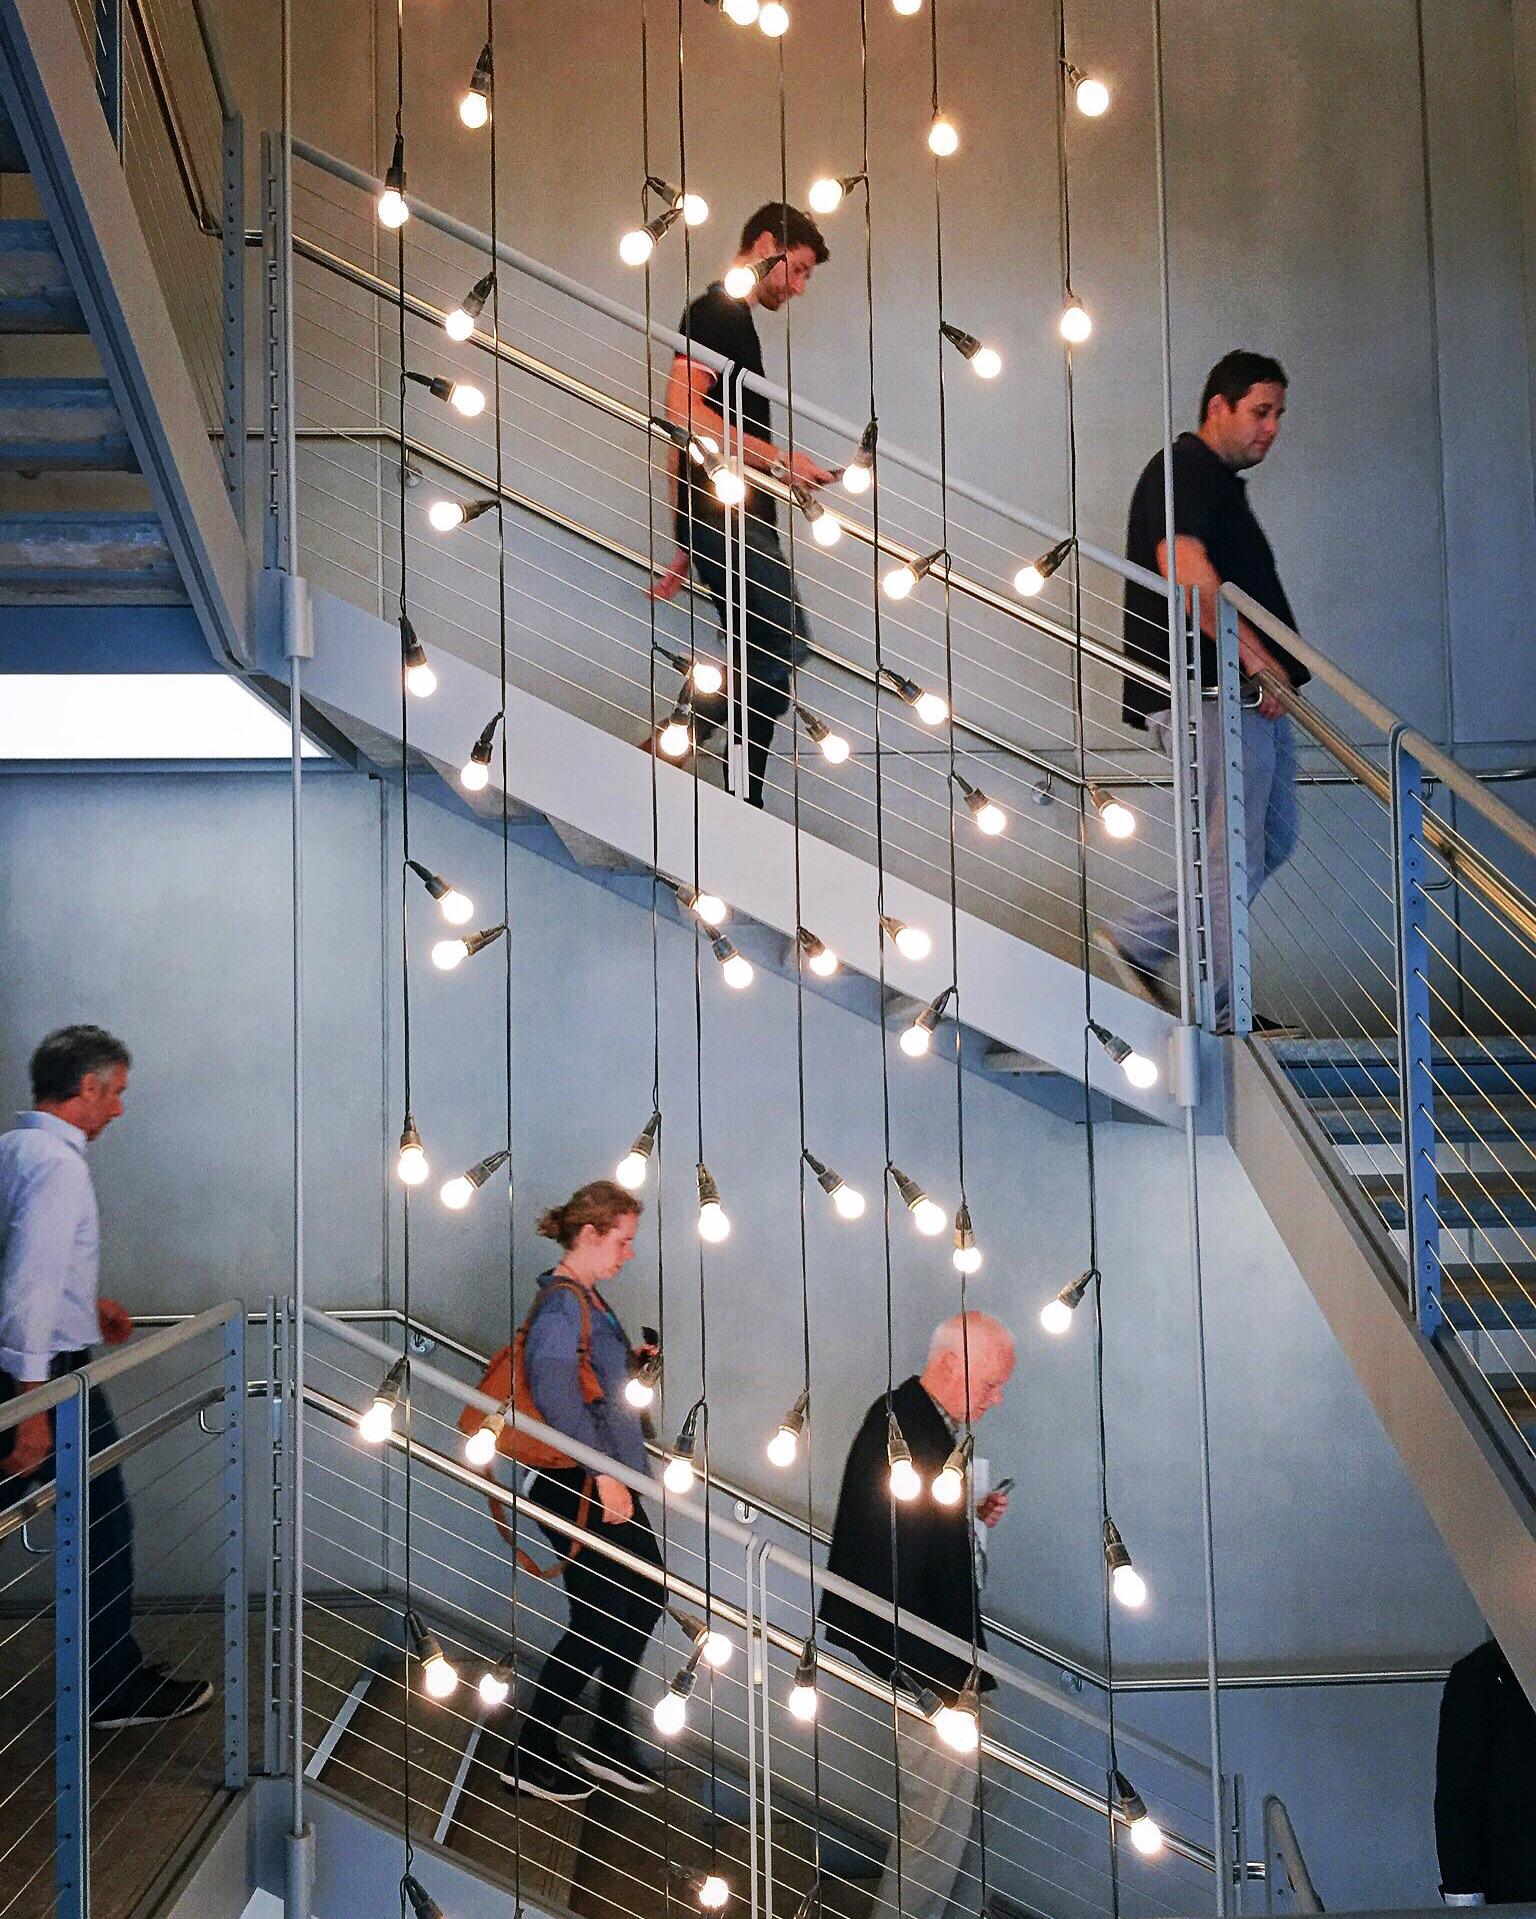 Follow the light(bulbs)